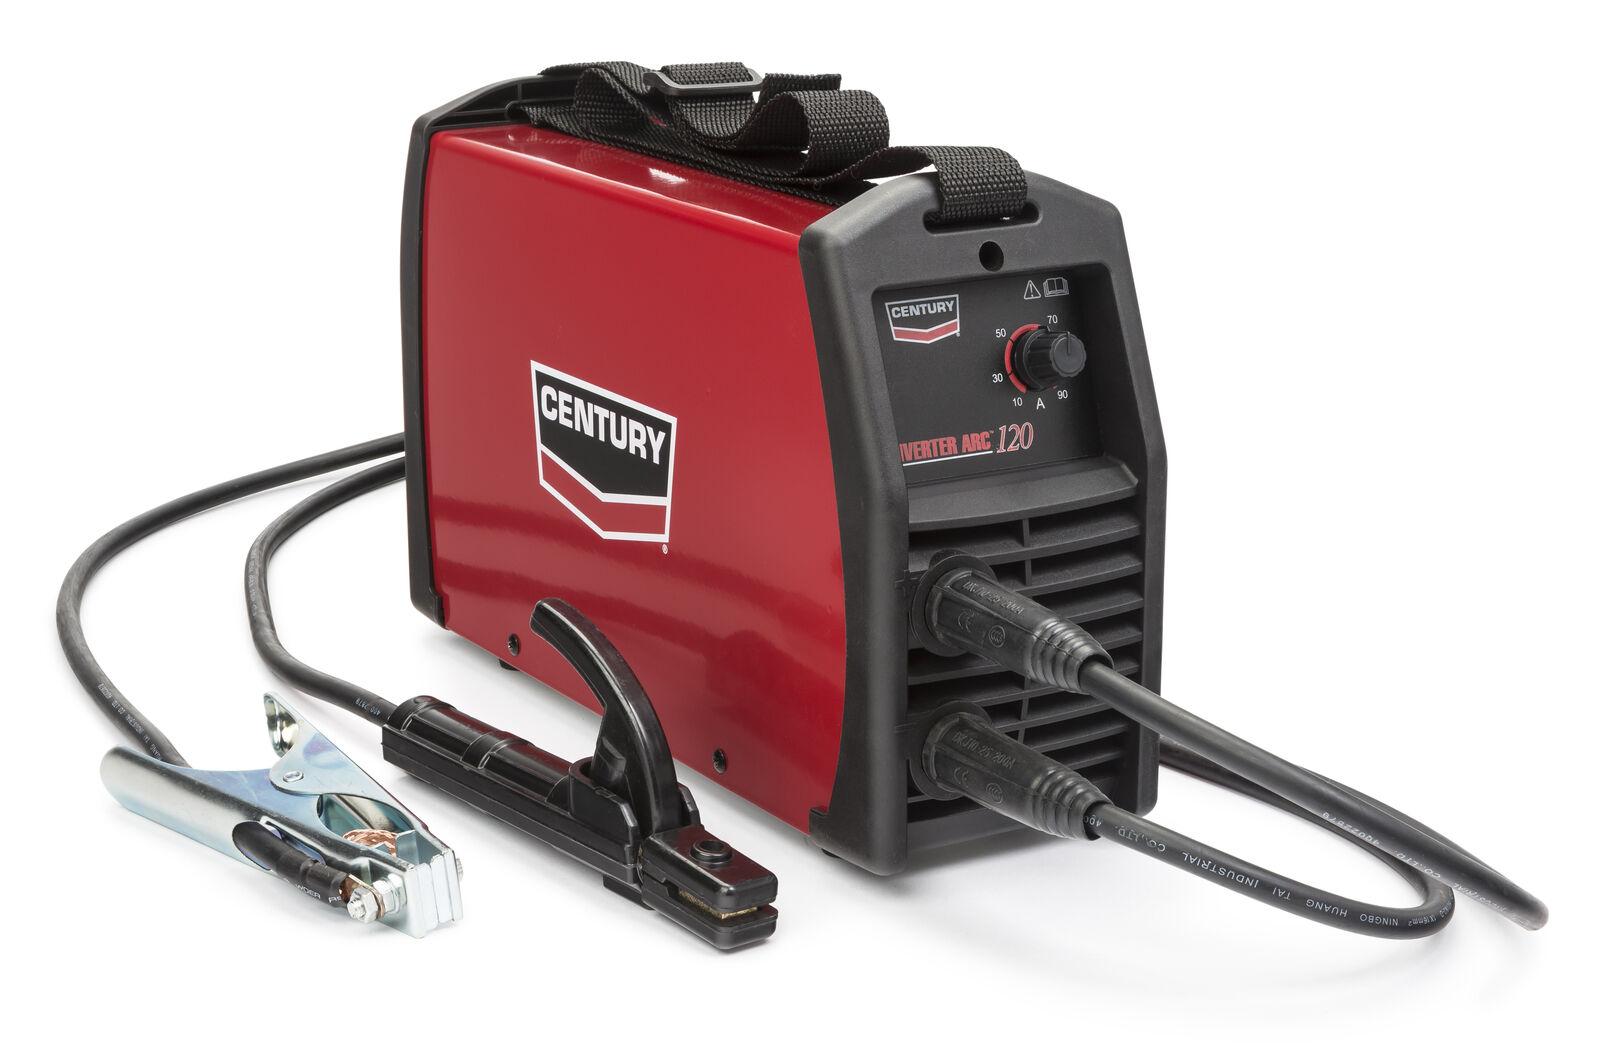 Century/Lincoln K2789-2 Inverter Arc 120 stick welder (NEW). Buy it now for 289.99